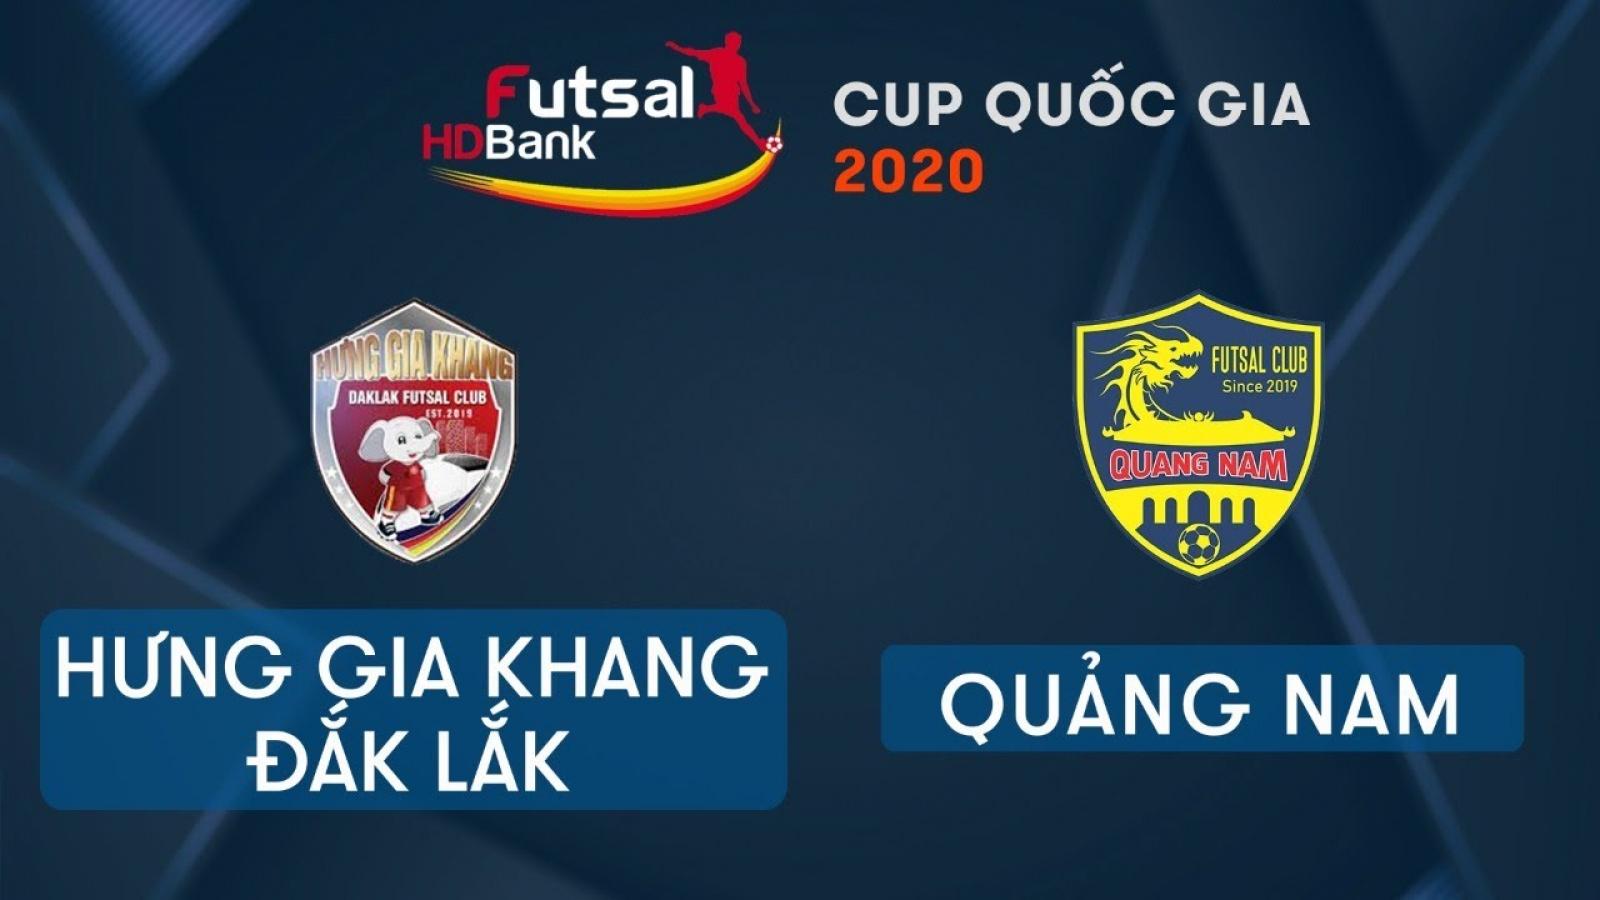 TRỰC TIẾP Hưng Gia Khang Đắk Lắk vs Quảng Nam - Giải Futsal HDBank Cúp Quốc gia 2020